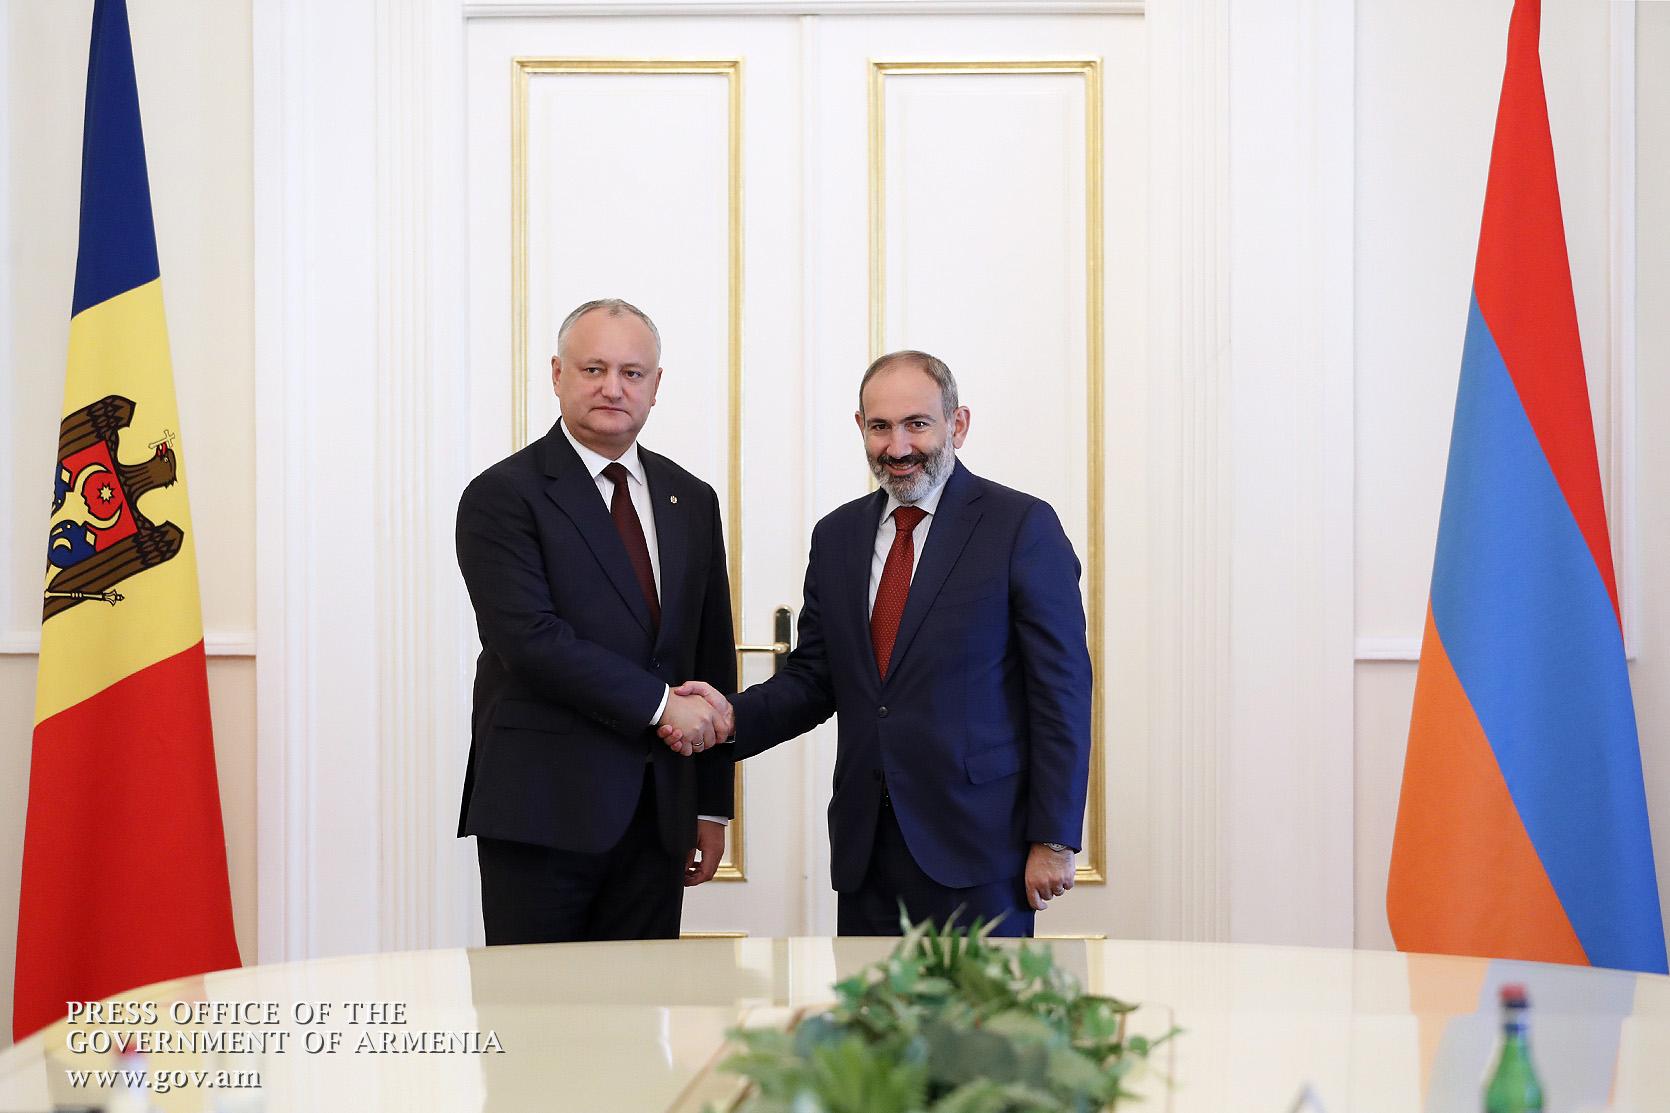 Мы должны работать в направлении укрепления наших торгово-экономических, политических связей: премьер-министр Армении встретился с президентом Молдовы